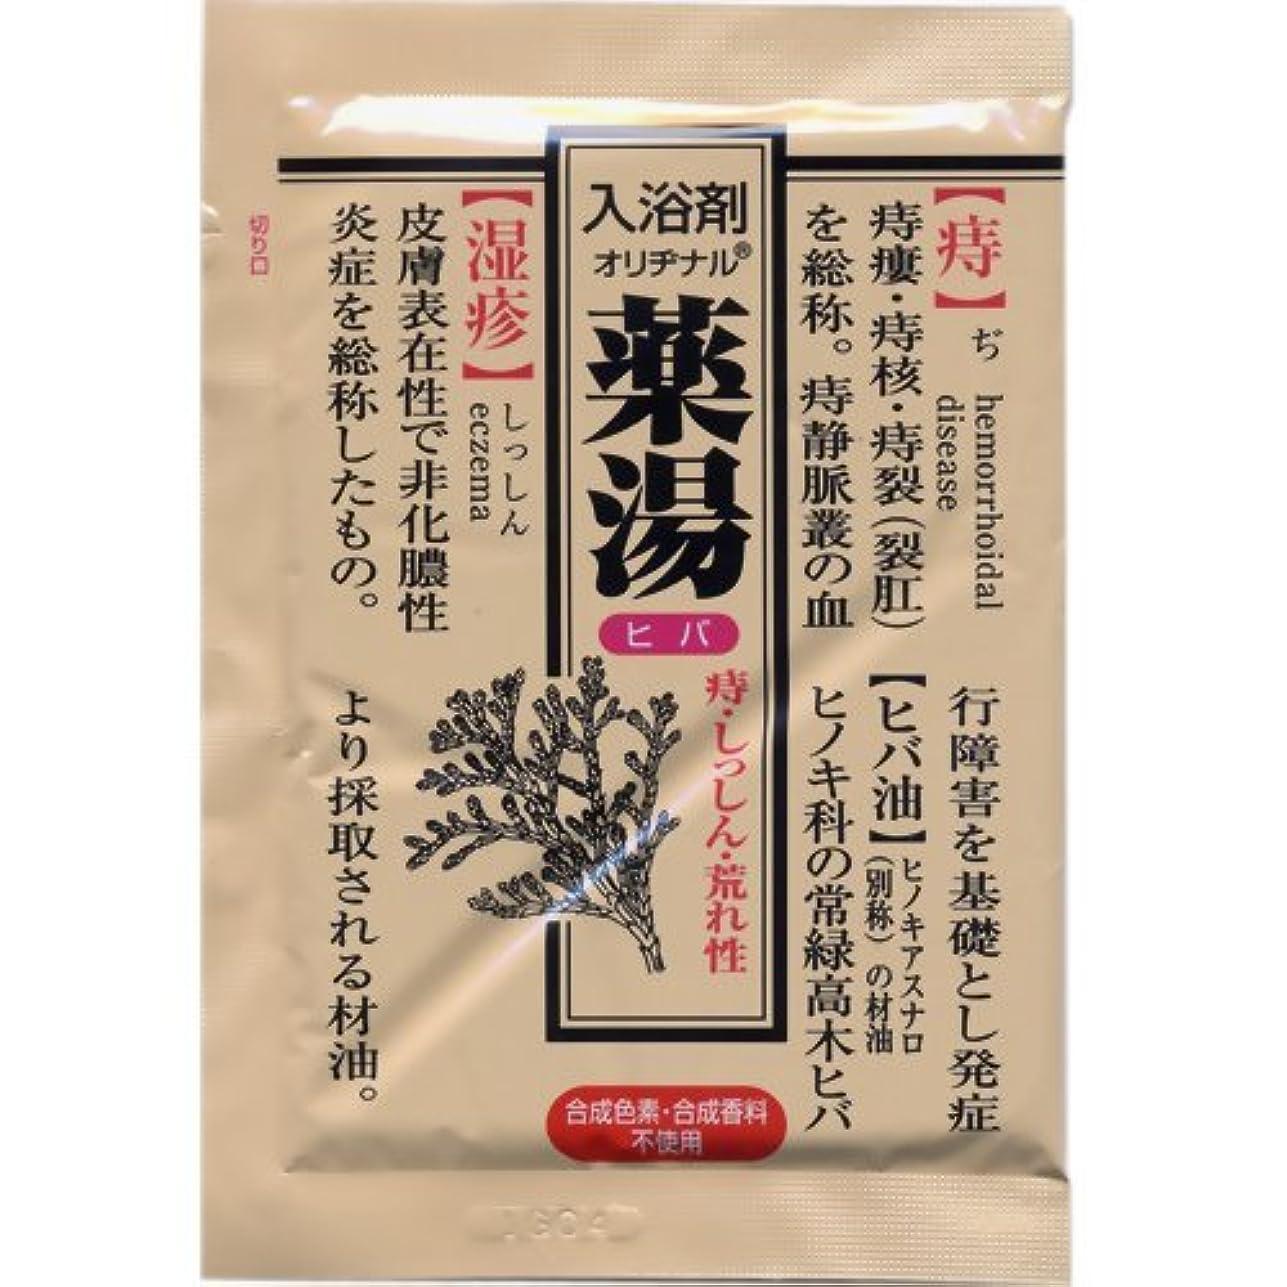 タイル落花生を除くオリヂナル 薬湯 ヒバ 30g